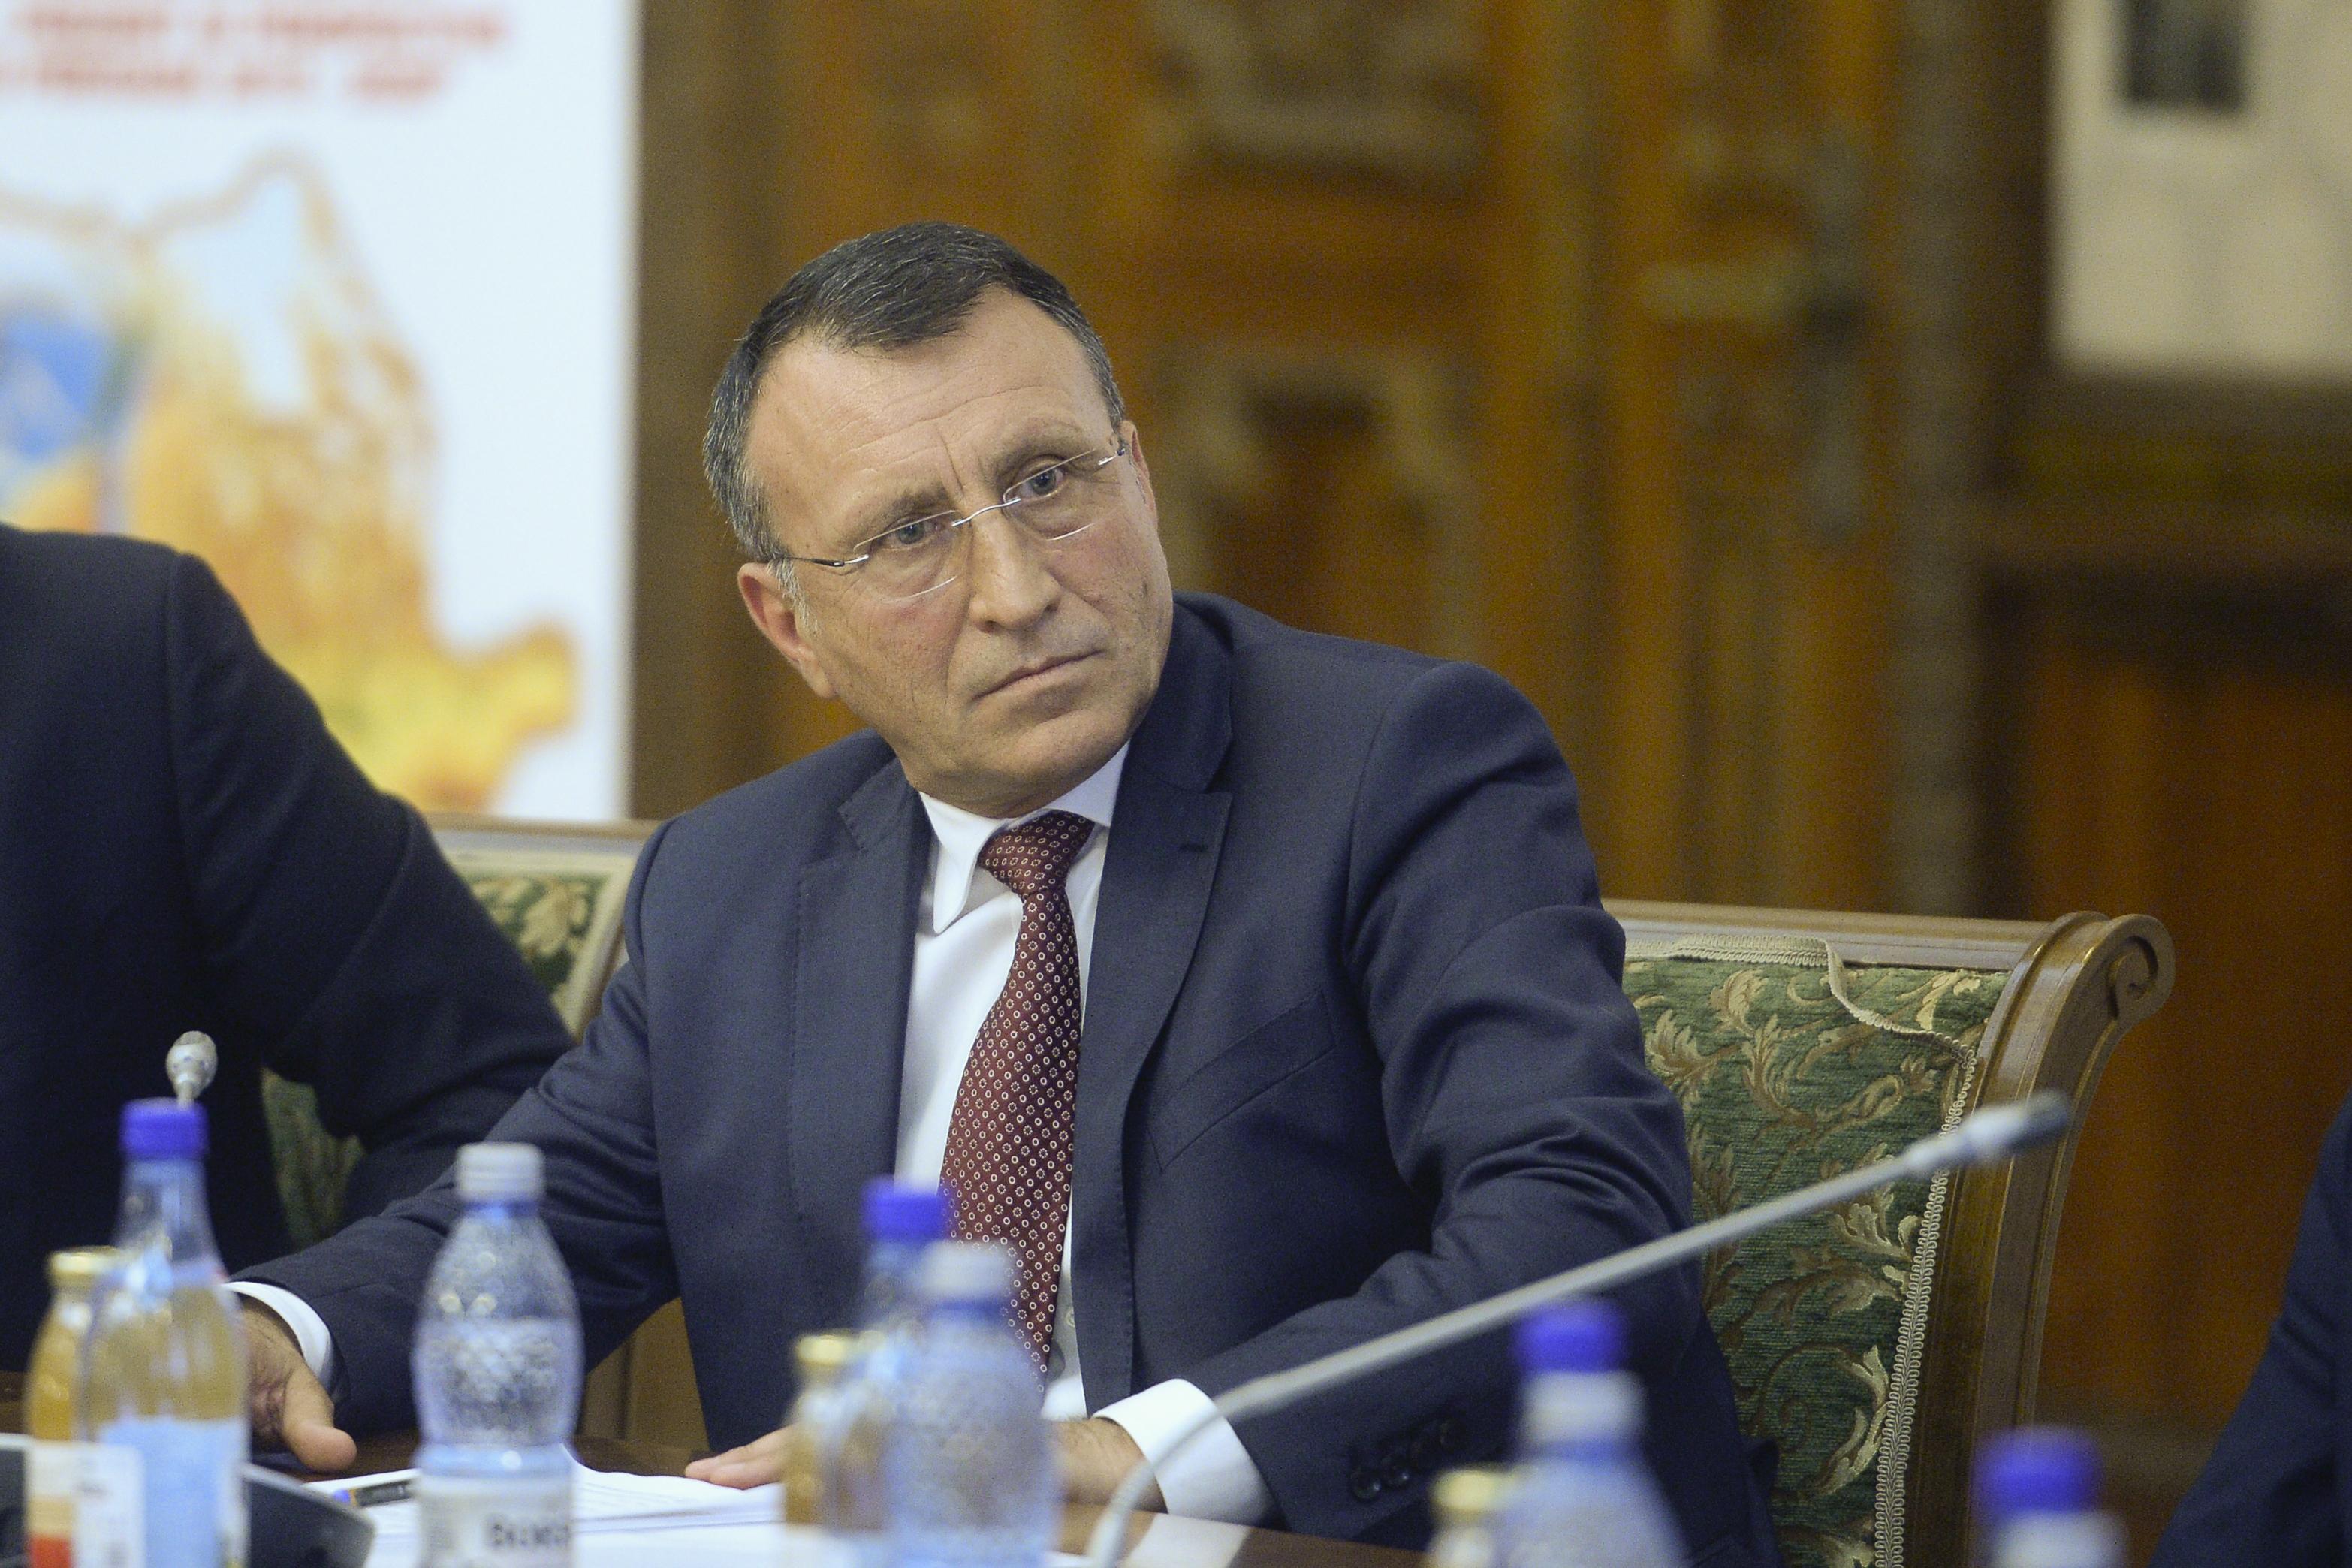 Stănescu, ministrul Dezvoltării, contrazice o decizie CCR: Funcţionarul acuzat de corupţie să nu fie dat afară, are familie